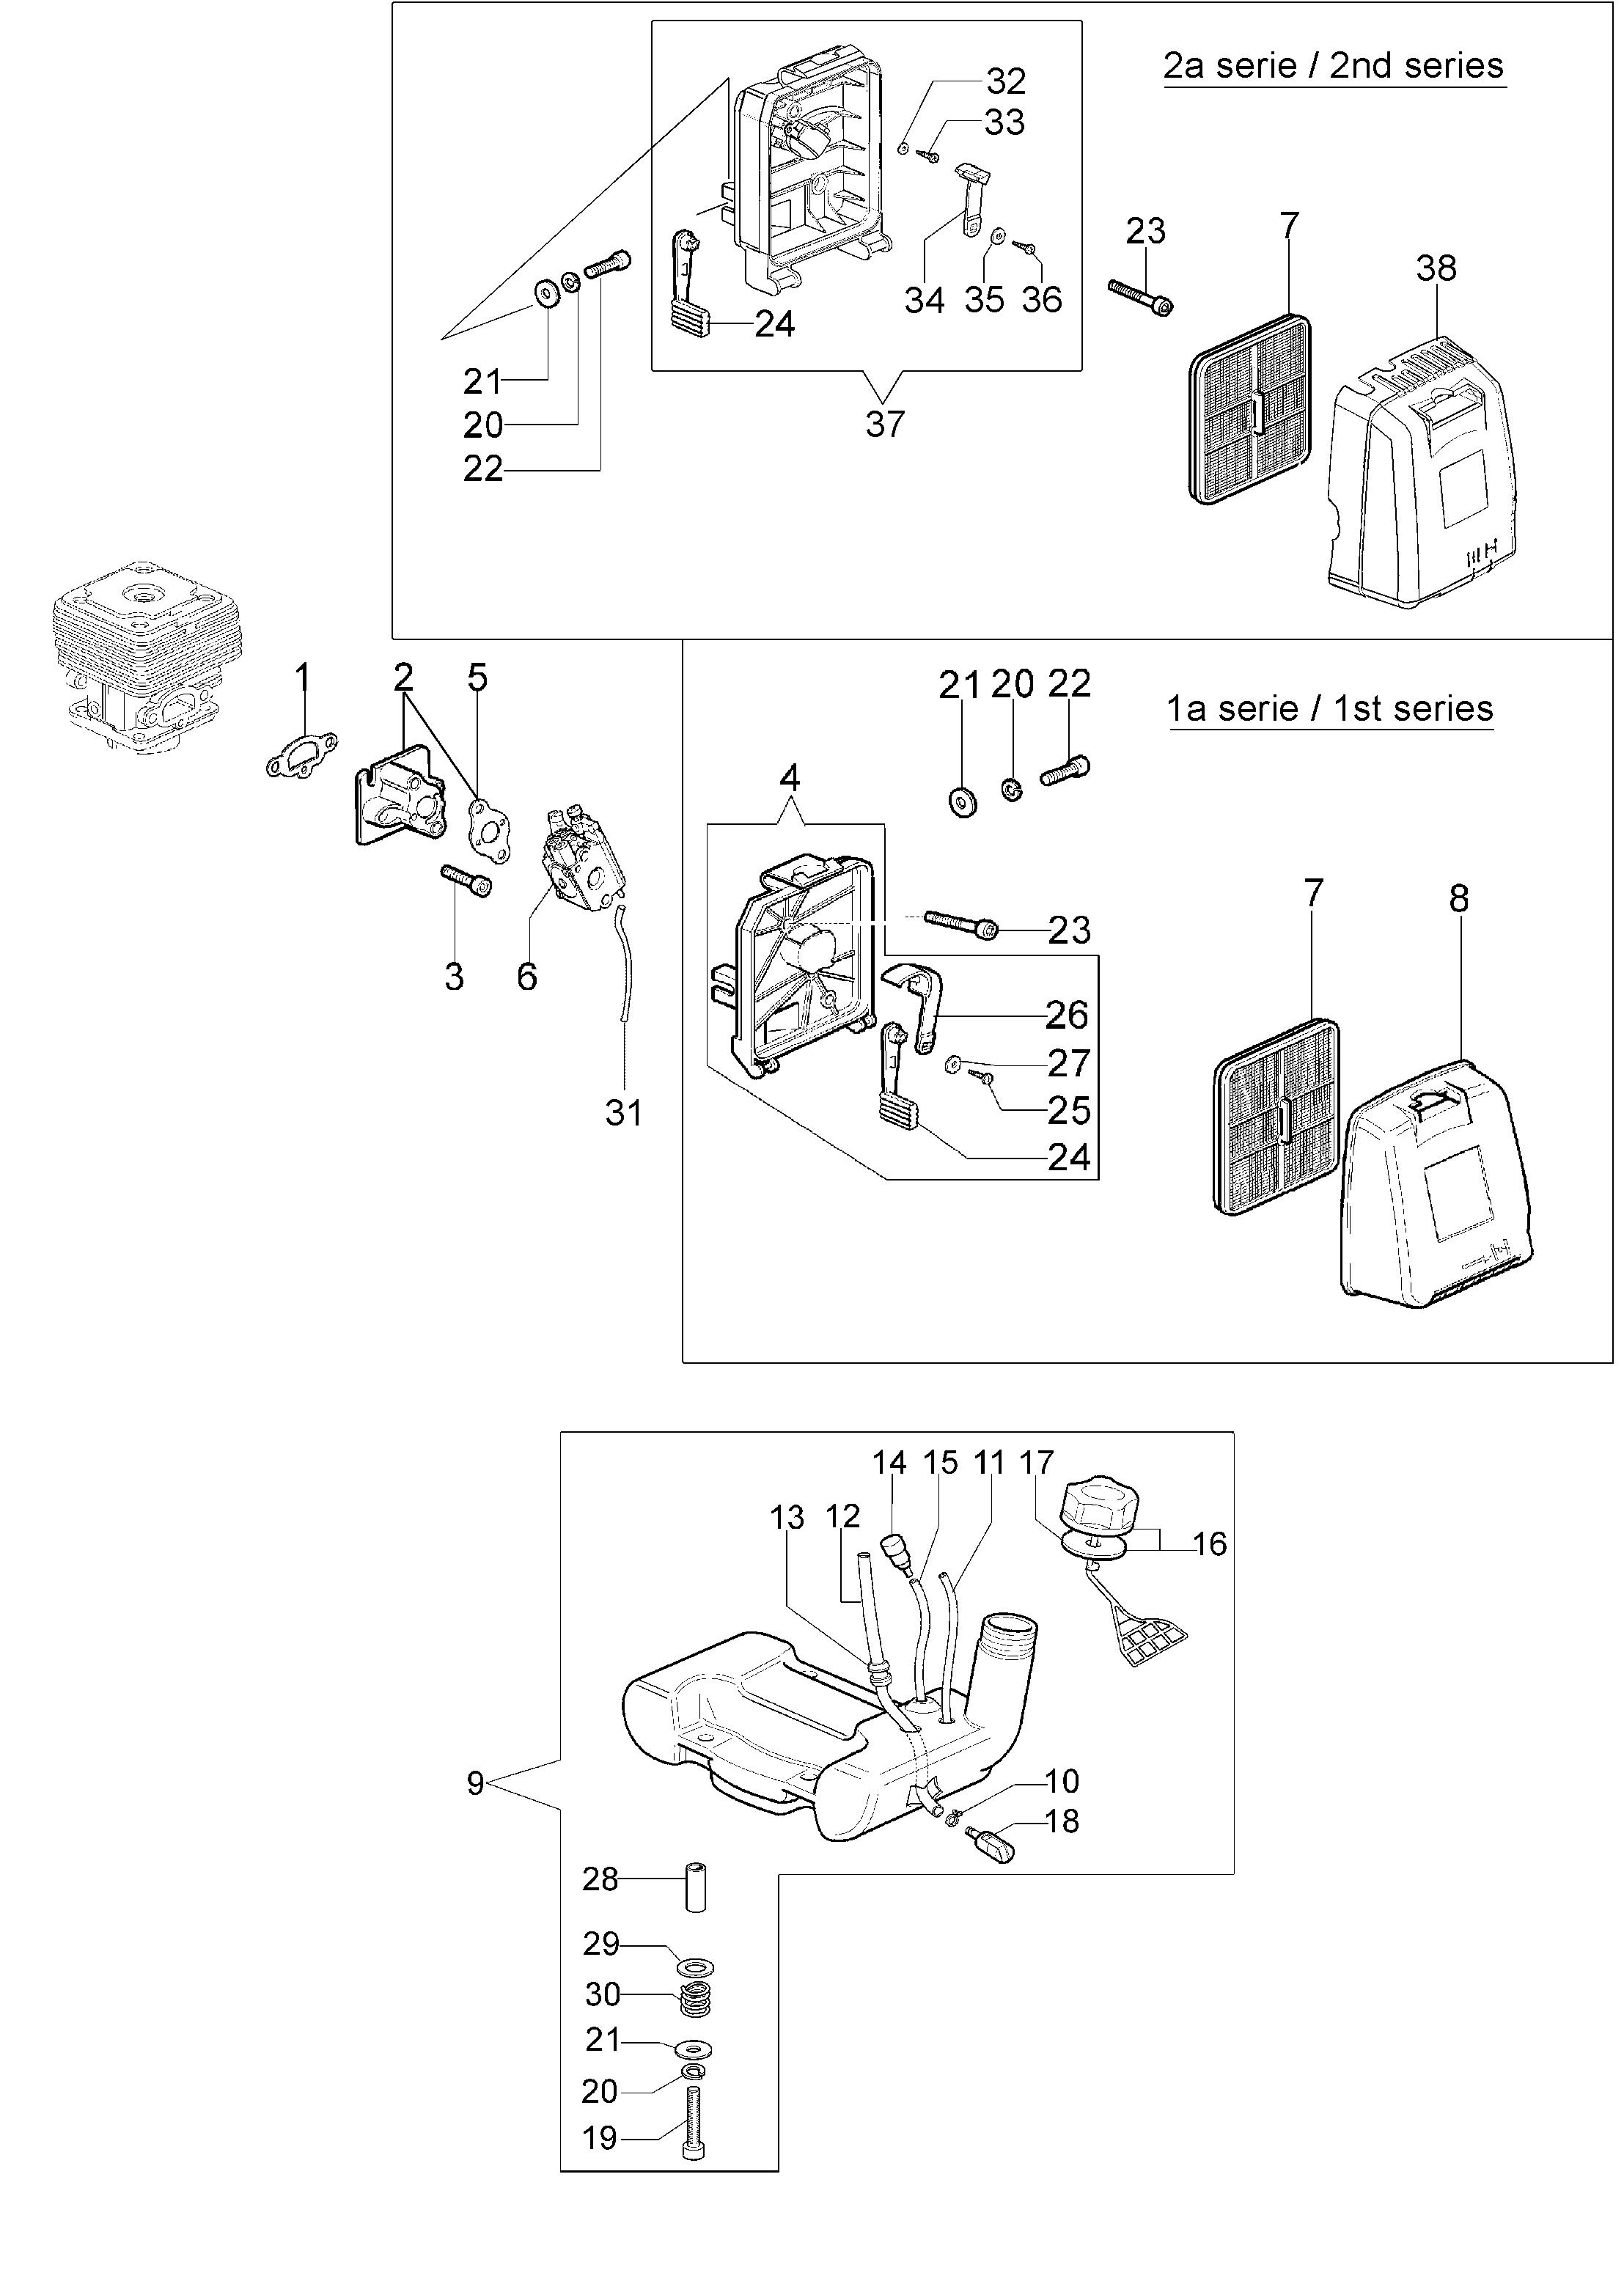 SPARTA 42 BP oleomac Dessins pièces vue éclatée Réservoir et filtre air